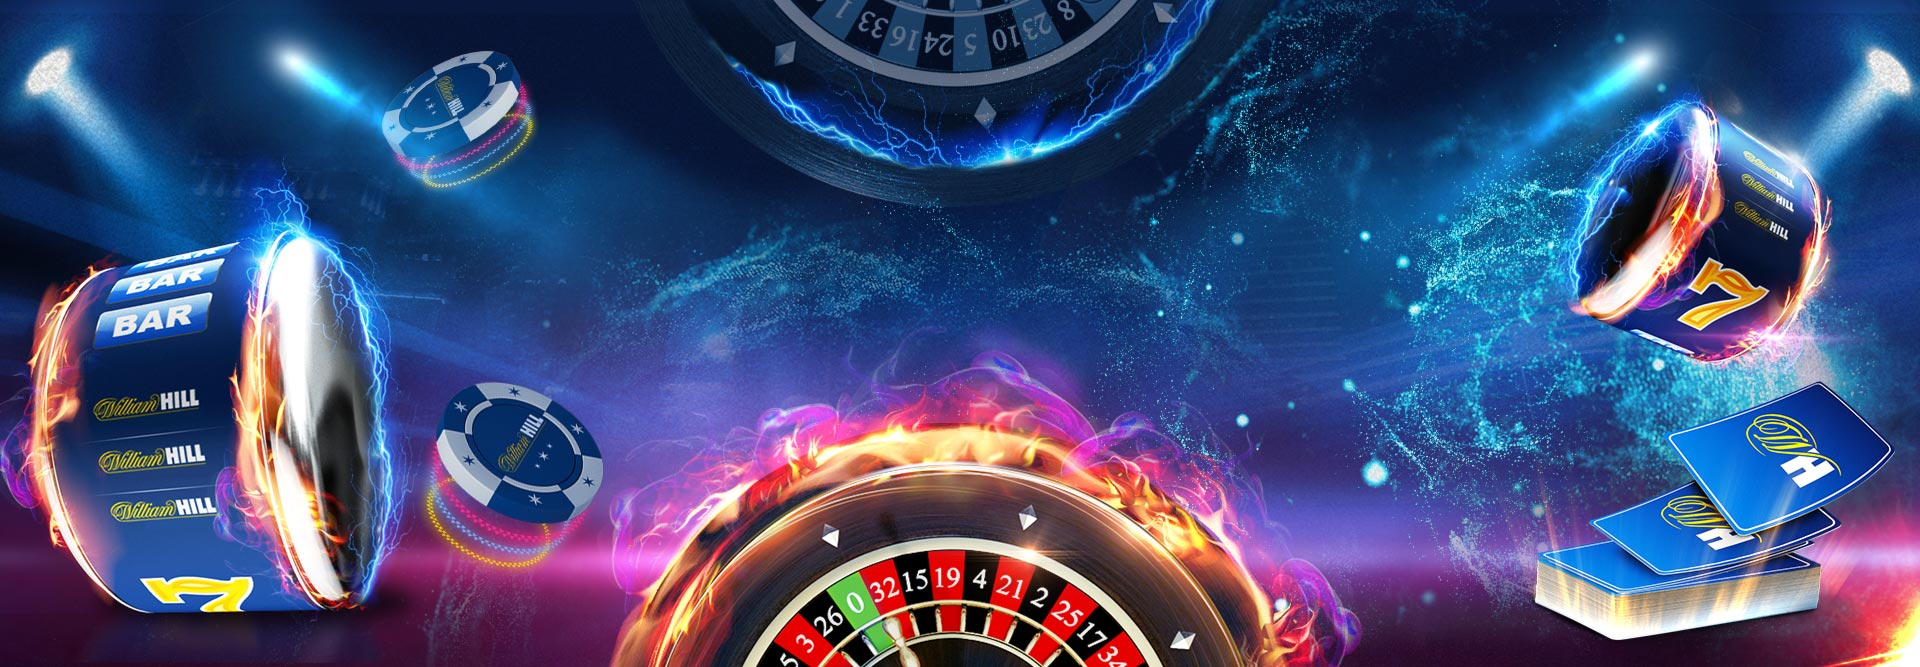 Игровые автоматы депозит от 10 копеек до 10 рублей игровые слоты бесплатно вулкан